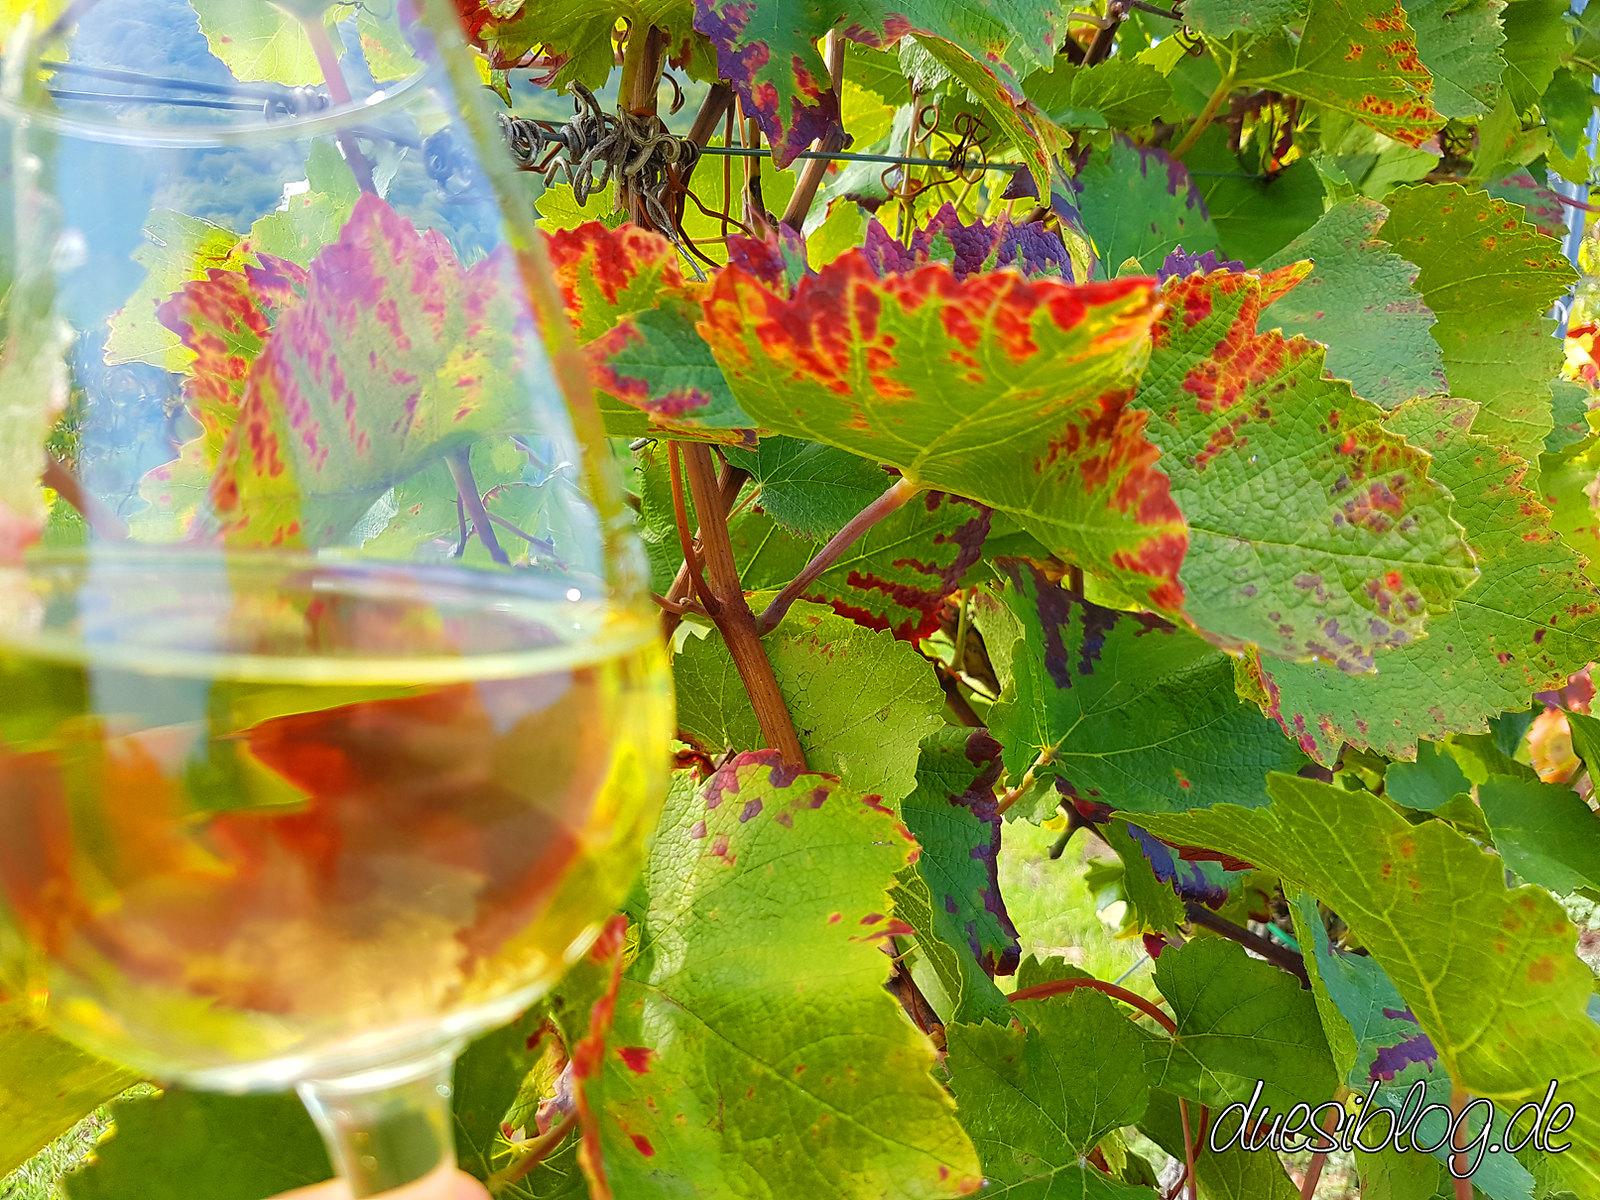 Generation Pfalz WtasO (Wein trinken an schönen Orten): mit Scheuermann im Deidesheimer Tempel